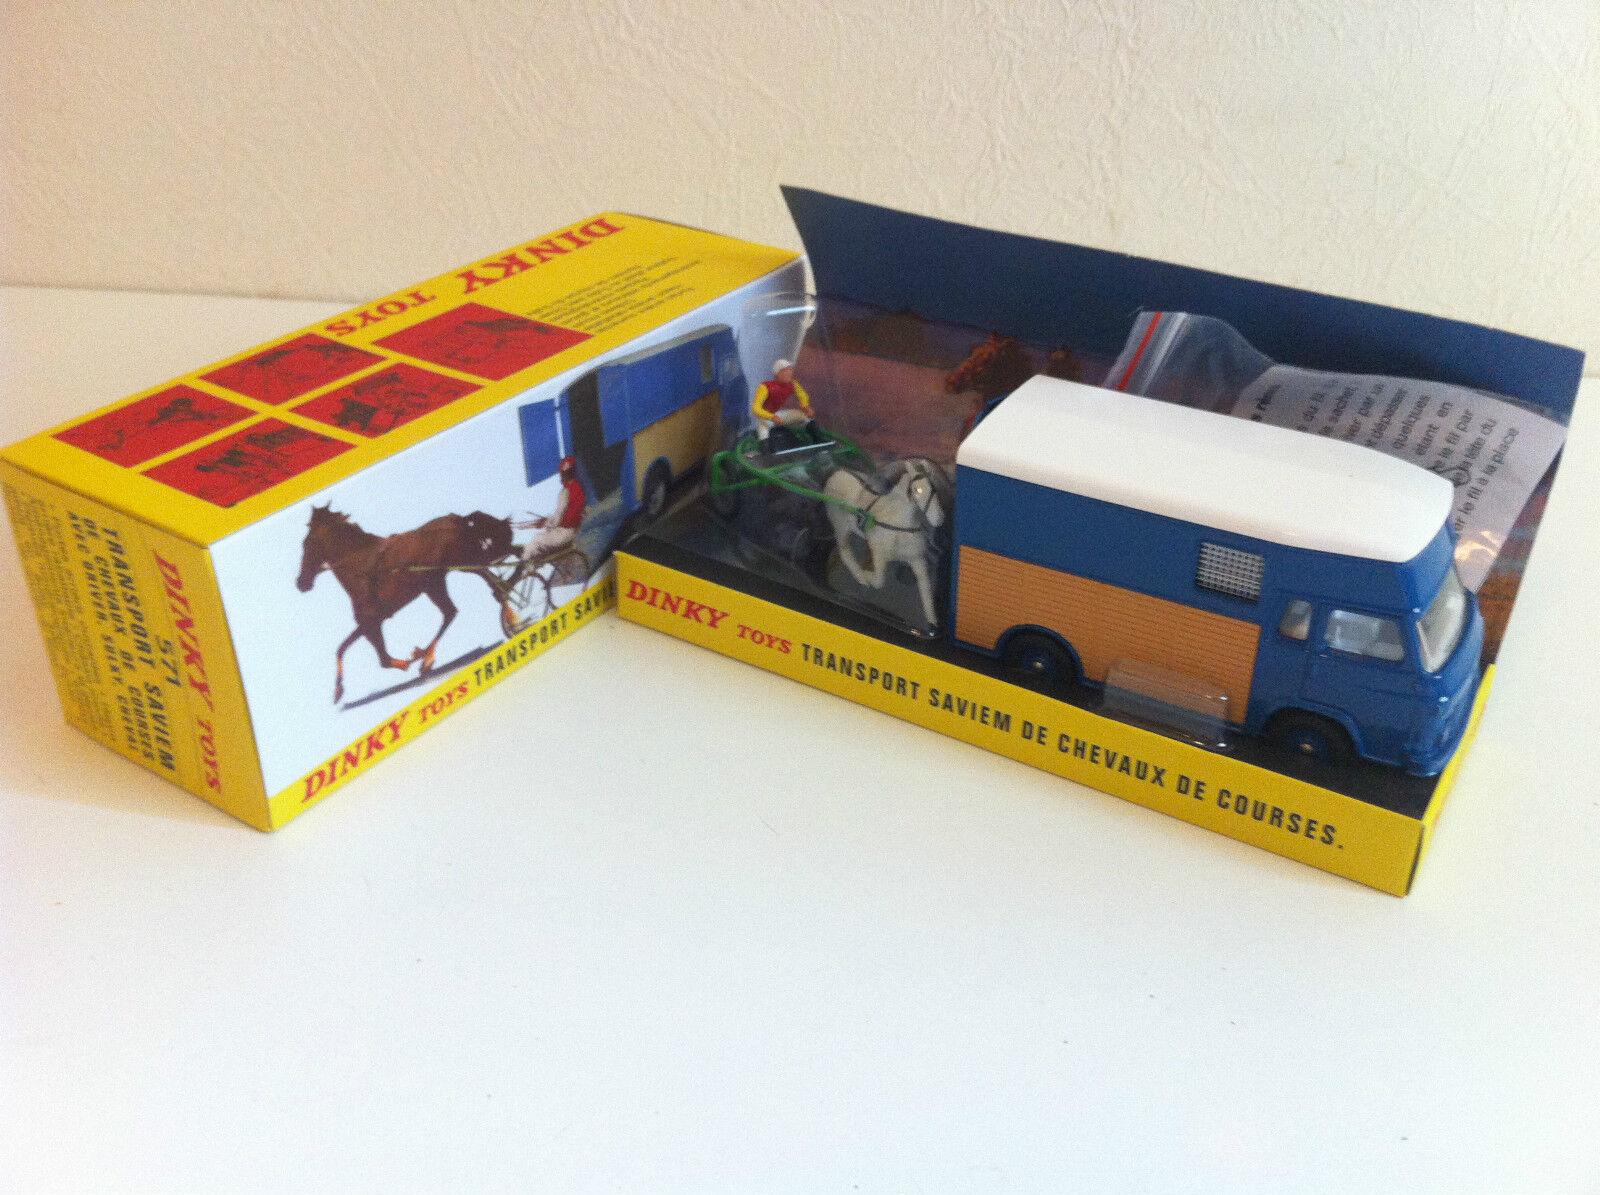 Dinky Toys Atlas - Transport Saviem de chevaux de course   1/43